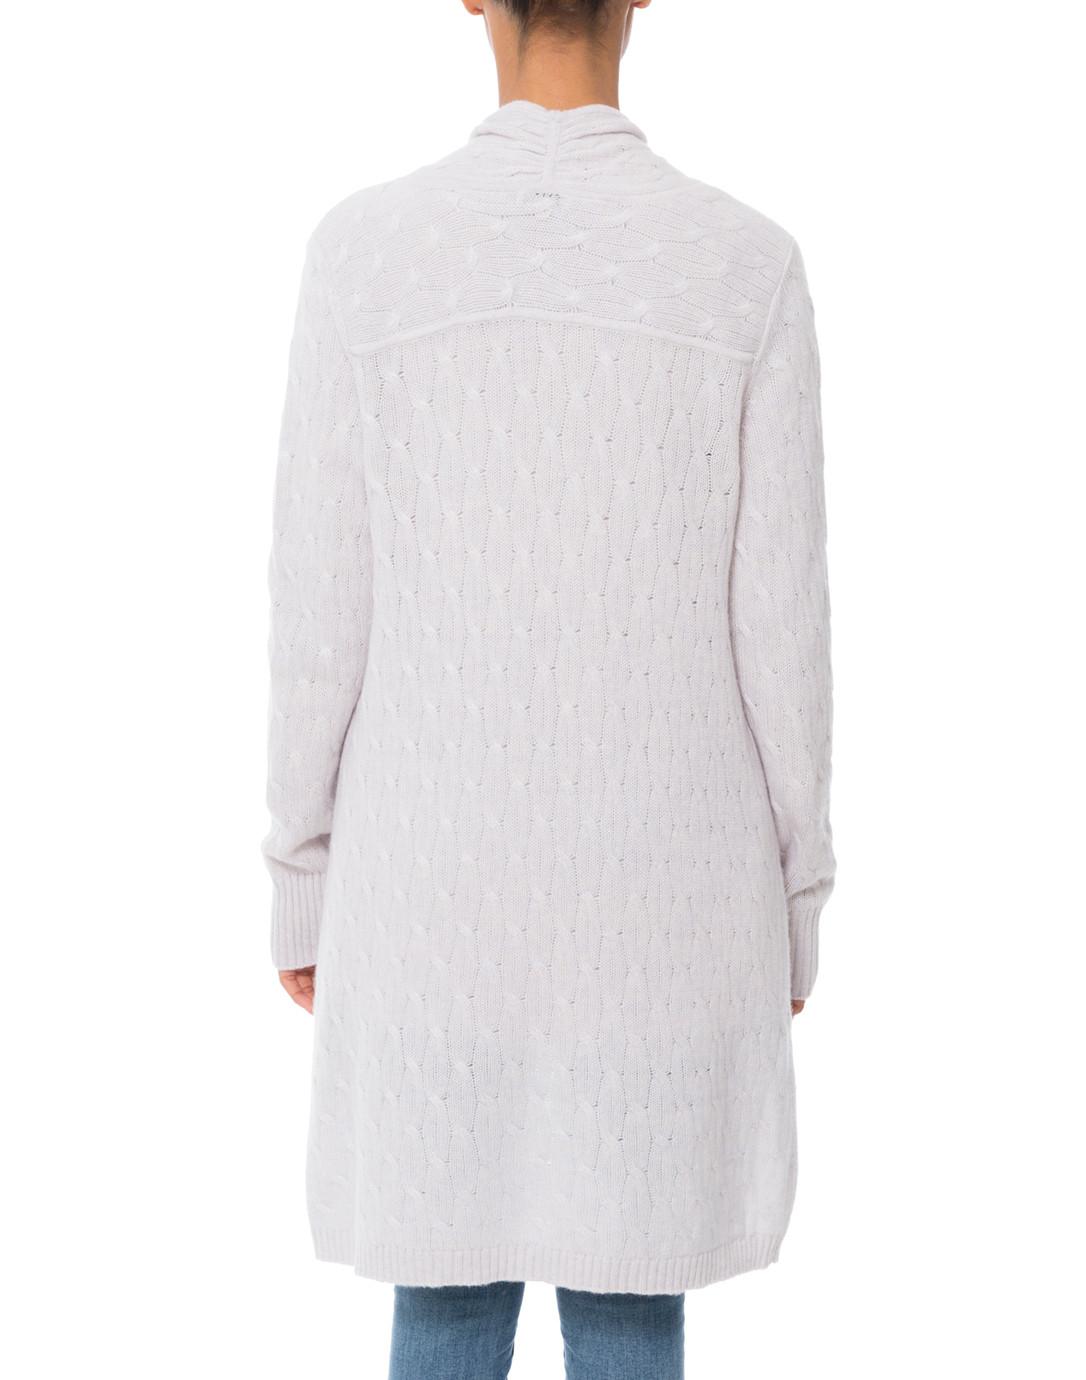 sophie light grey cable knit cashmere cardigan cortland park halsbrook. Black Bedroom Furniture Sets. Home Design Ideas